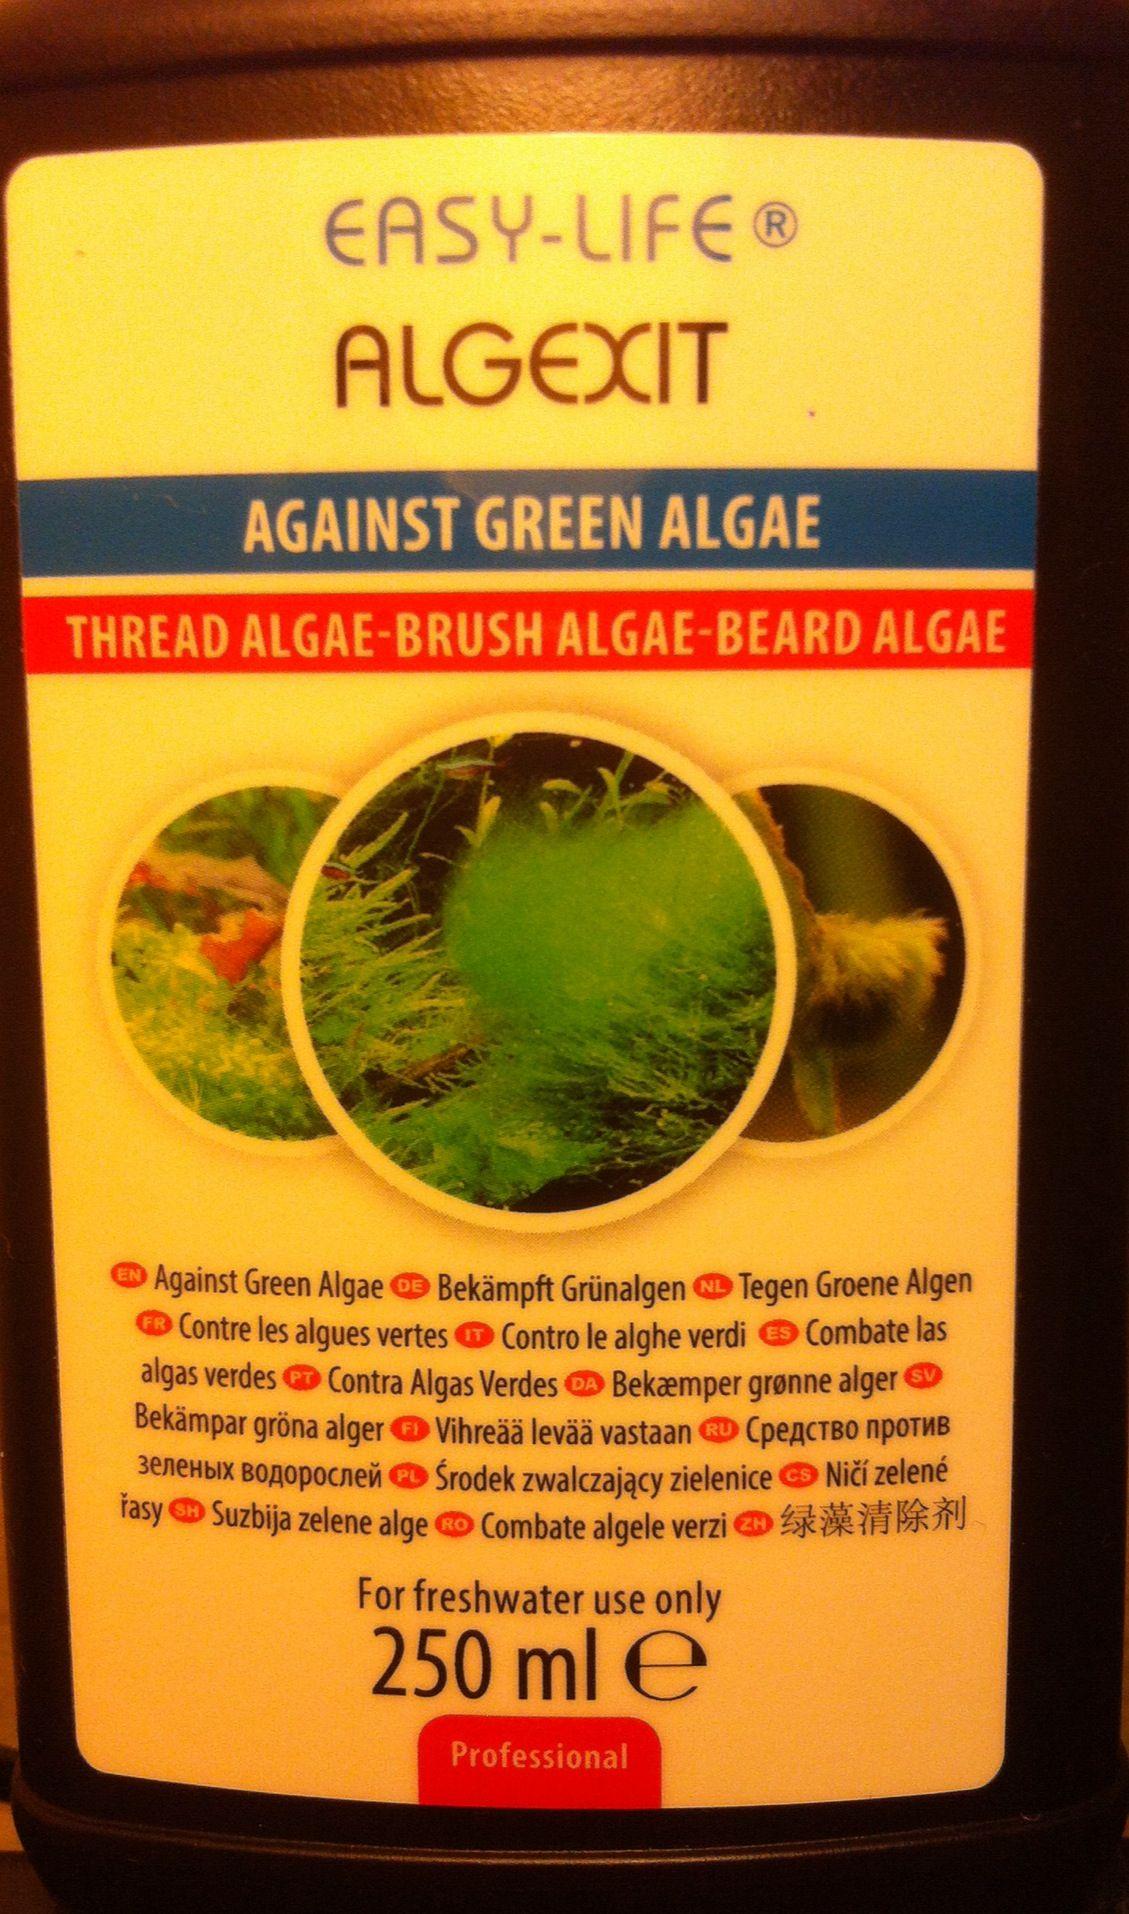 Destroying algae esp thread brush and beard algae By EASY LIFE